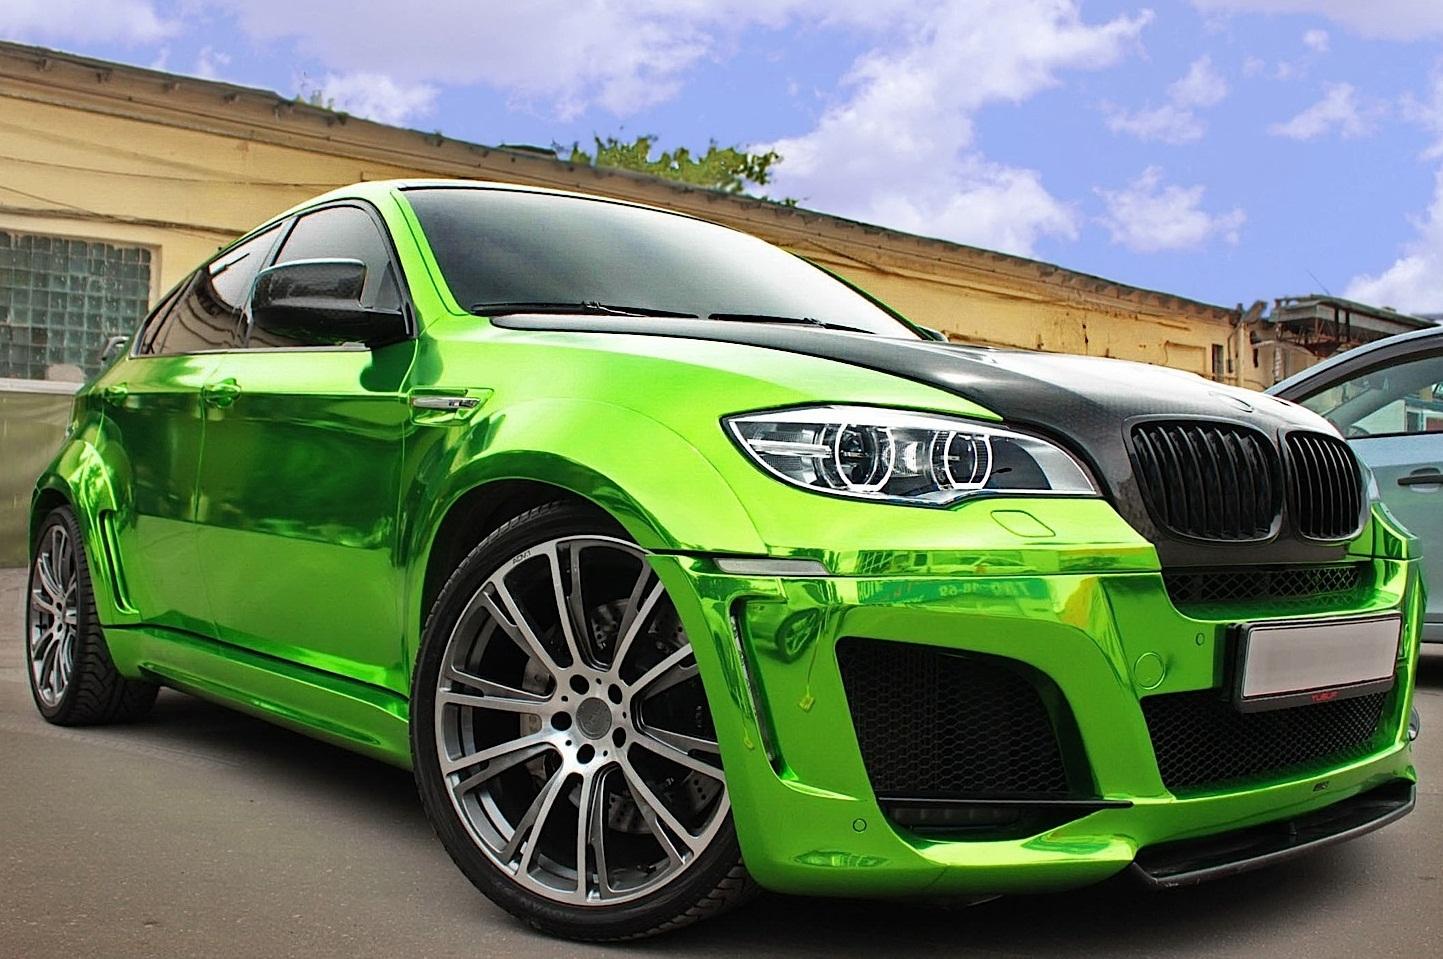 Green_Car_4.jpg